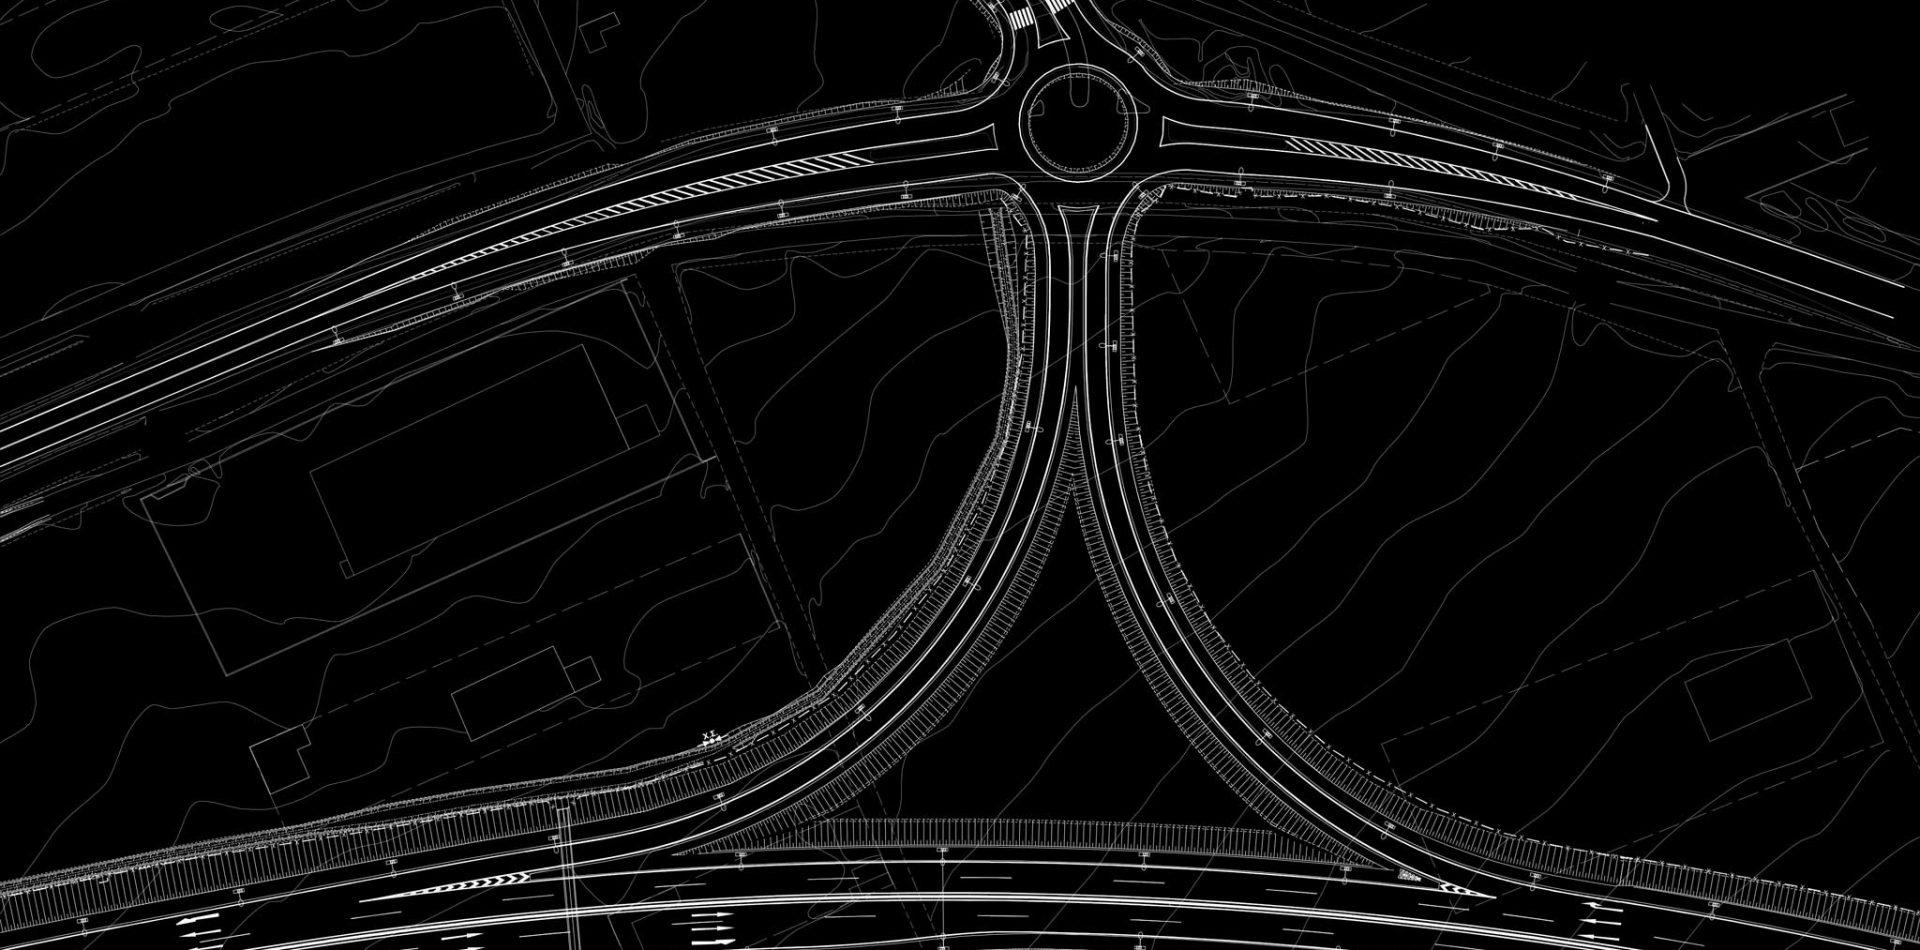 Motorway Vertical Axis